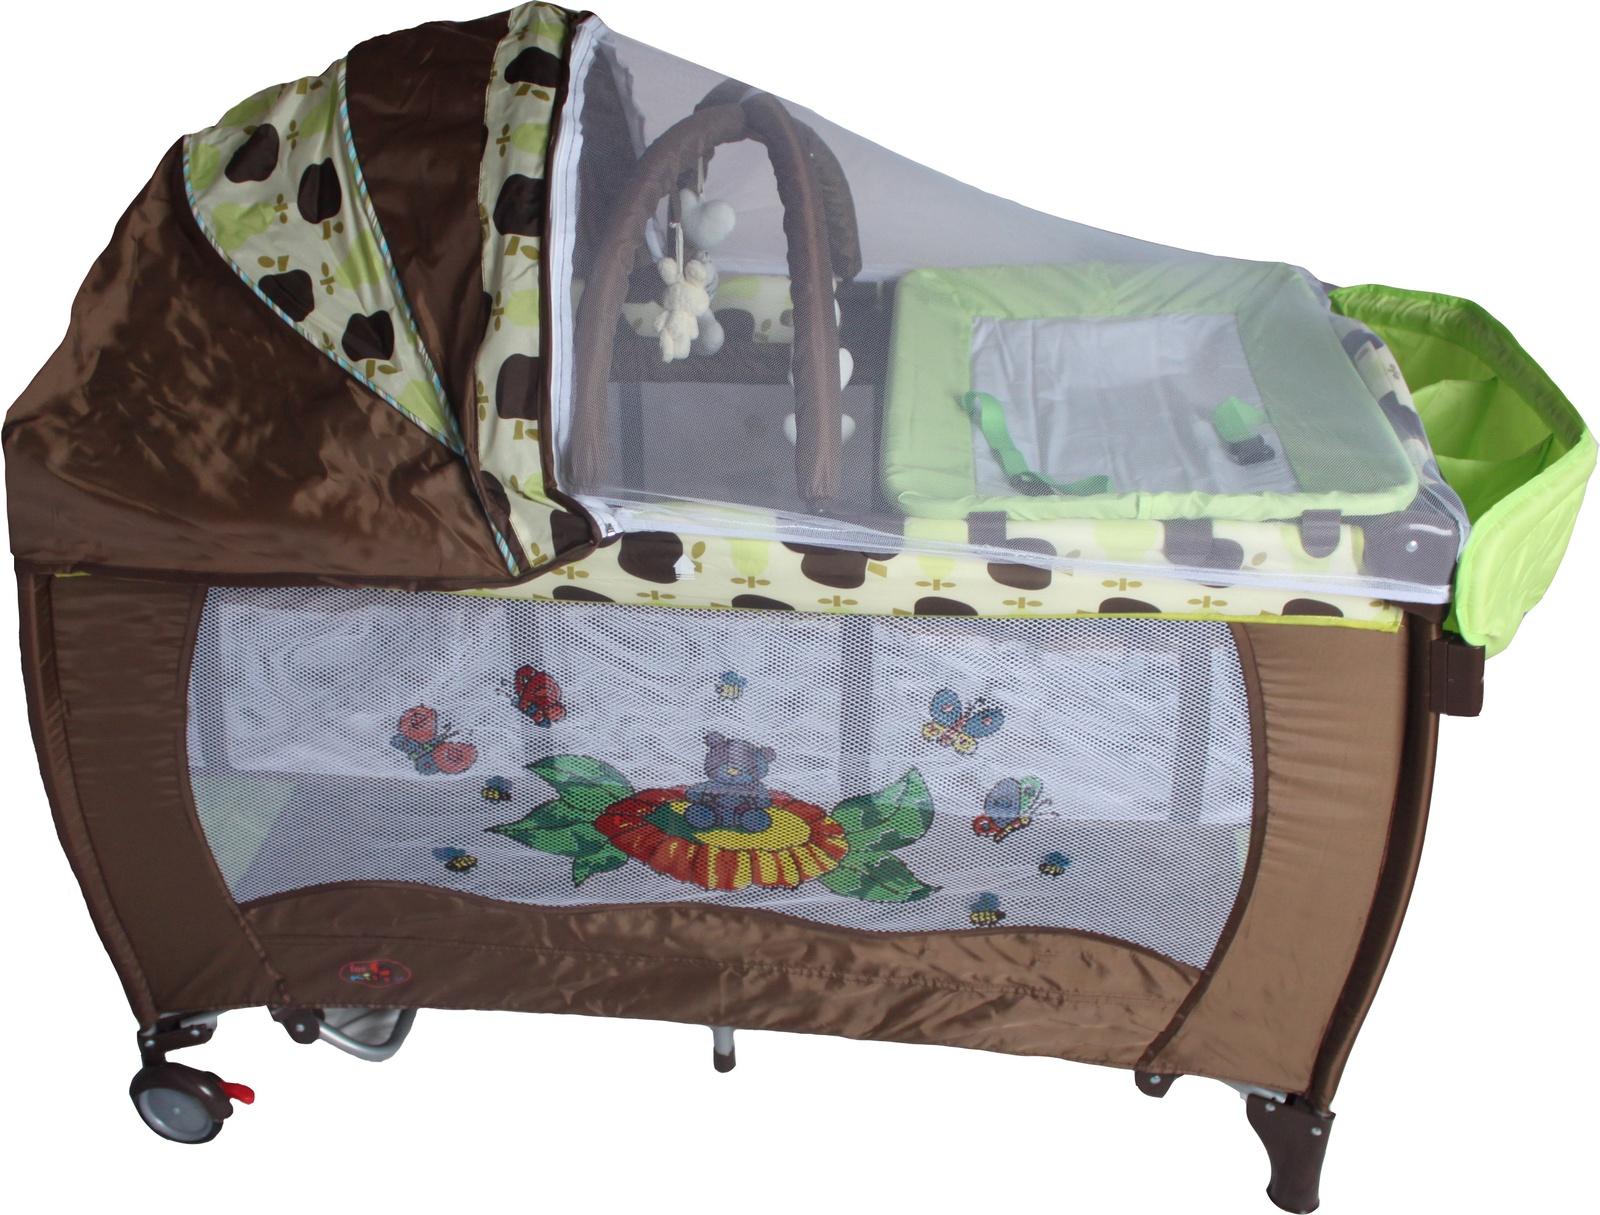 Манеж-кроватка ForKiddy Arena Lux New шоколадный, салатовый, коричневый манеж baby care arena коричневый